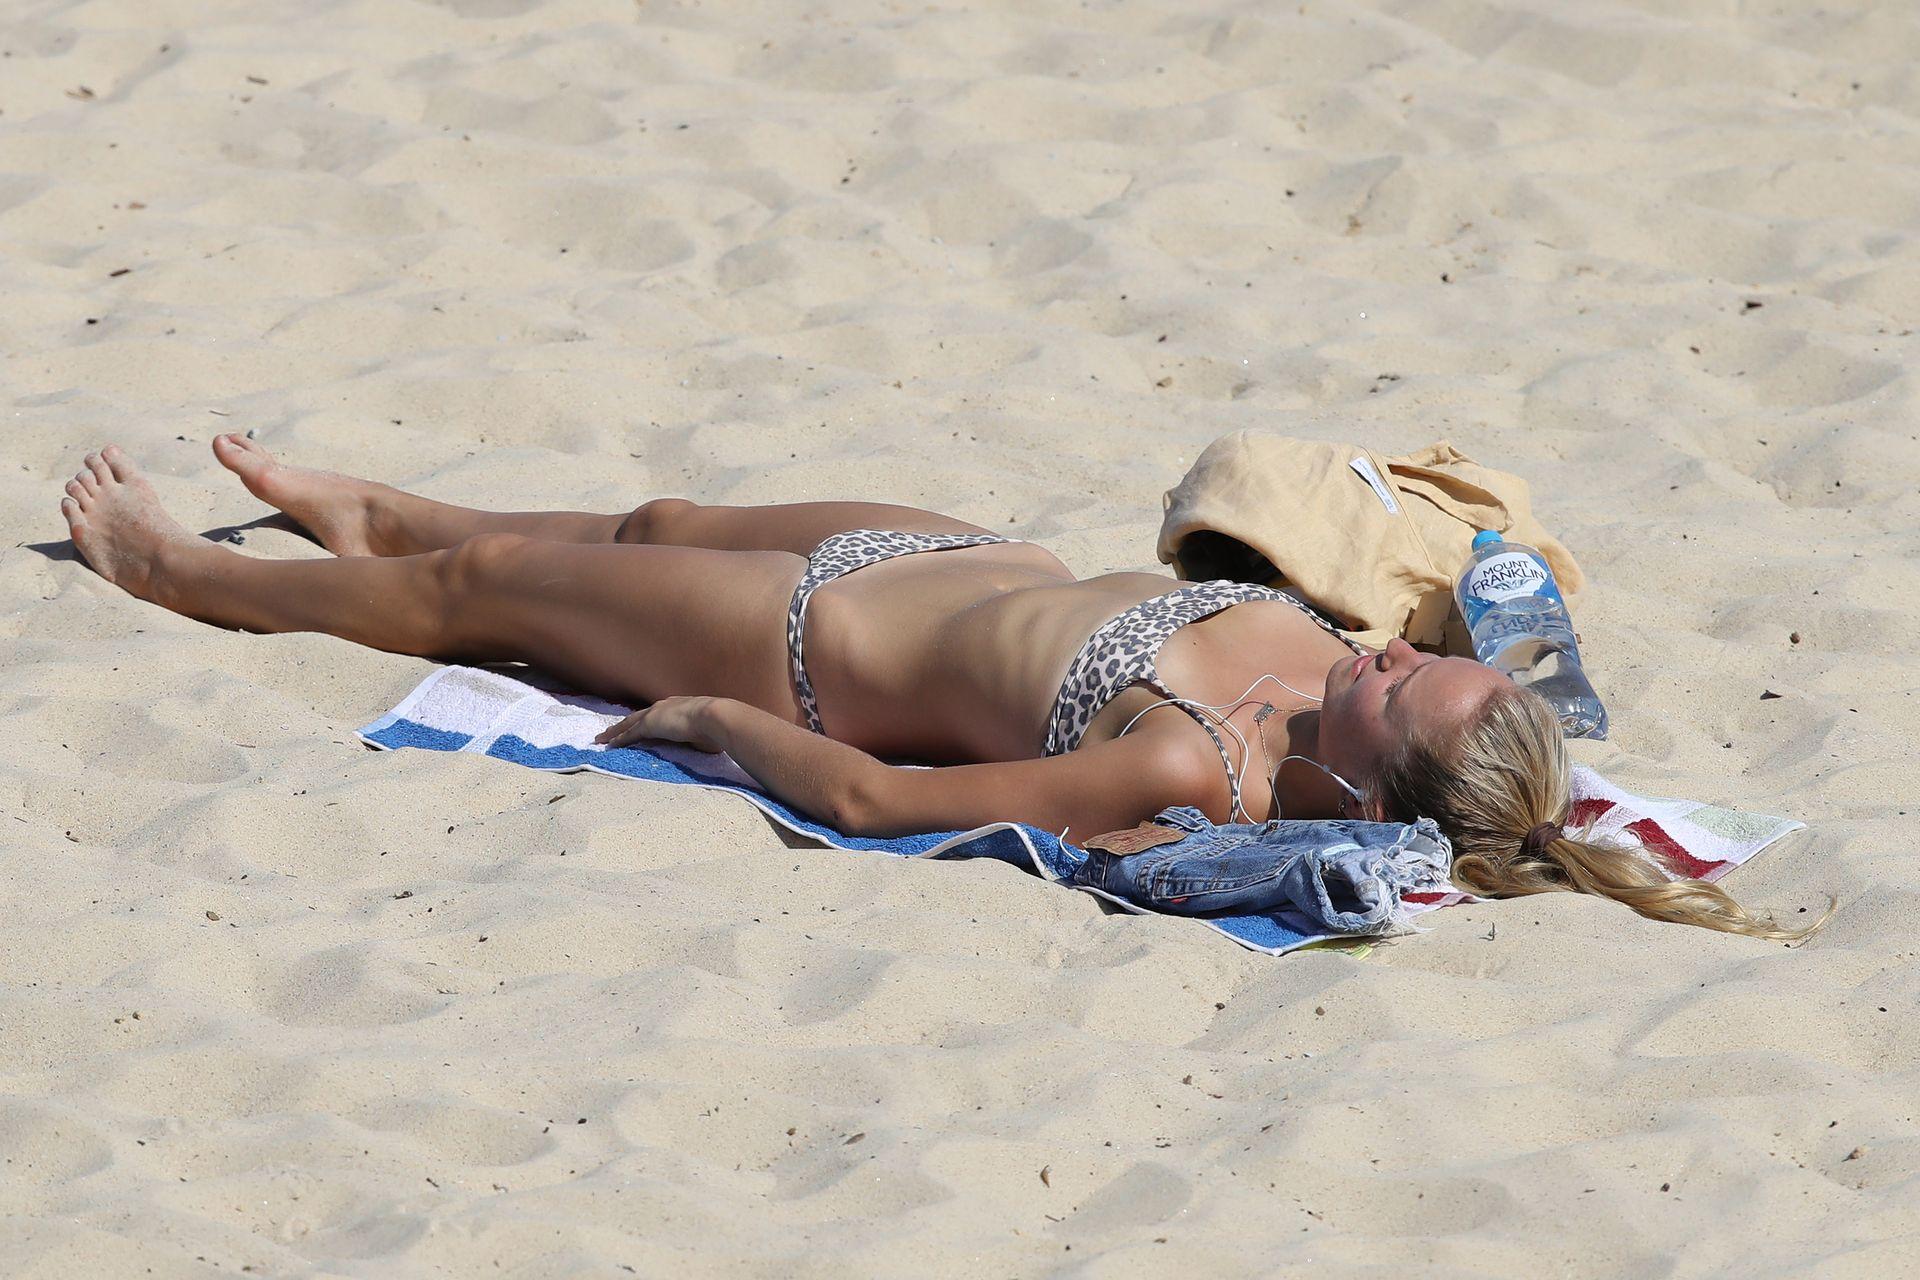 Sailor Brinkley Cook - bikini 1